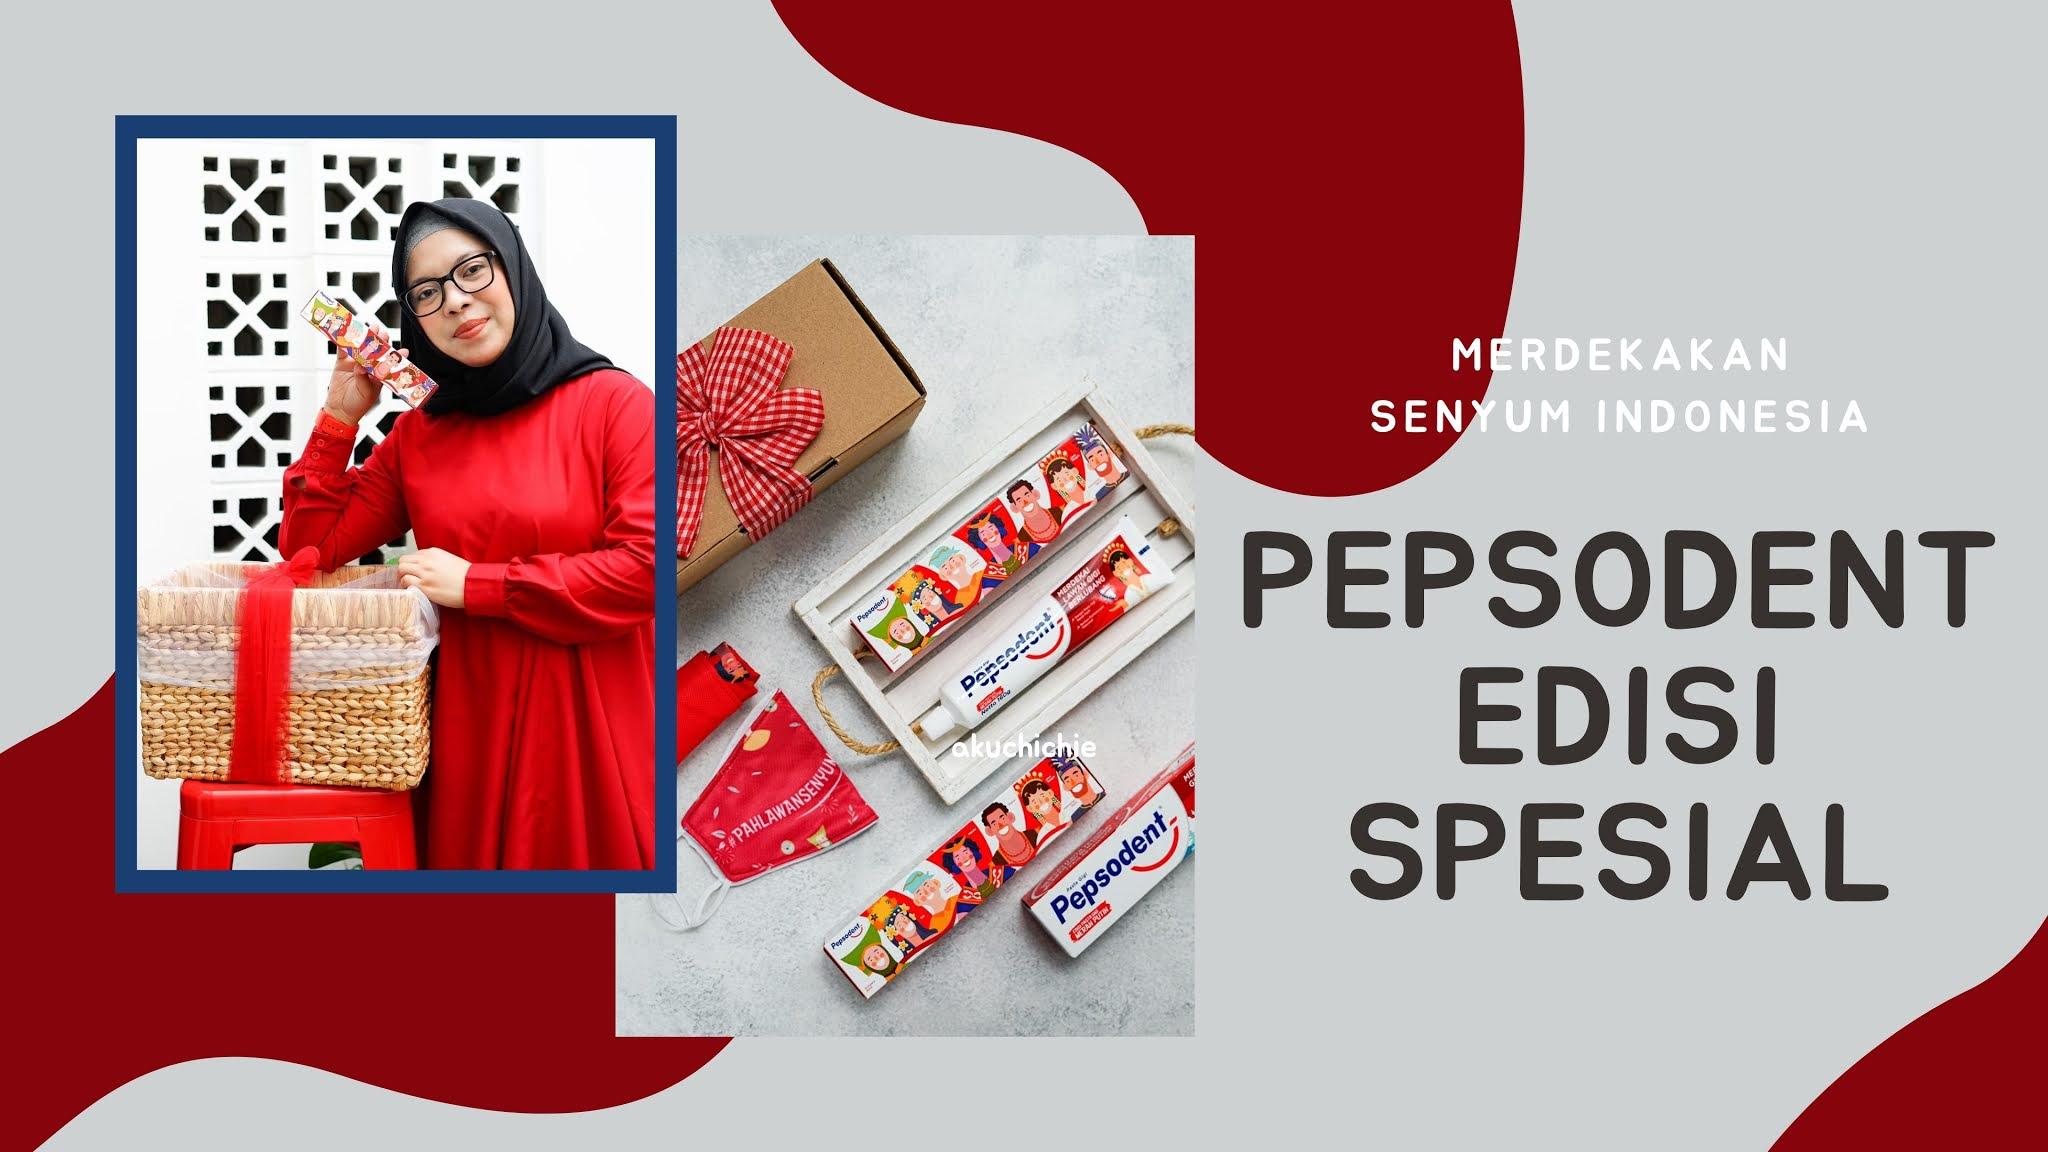 Pepsodent Edisi Spesial Merah Putih